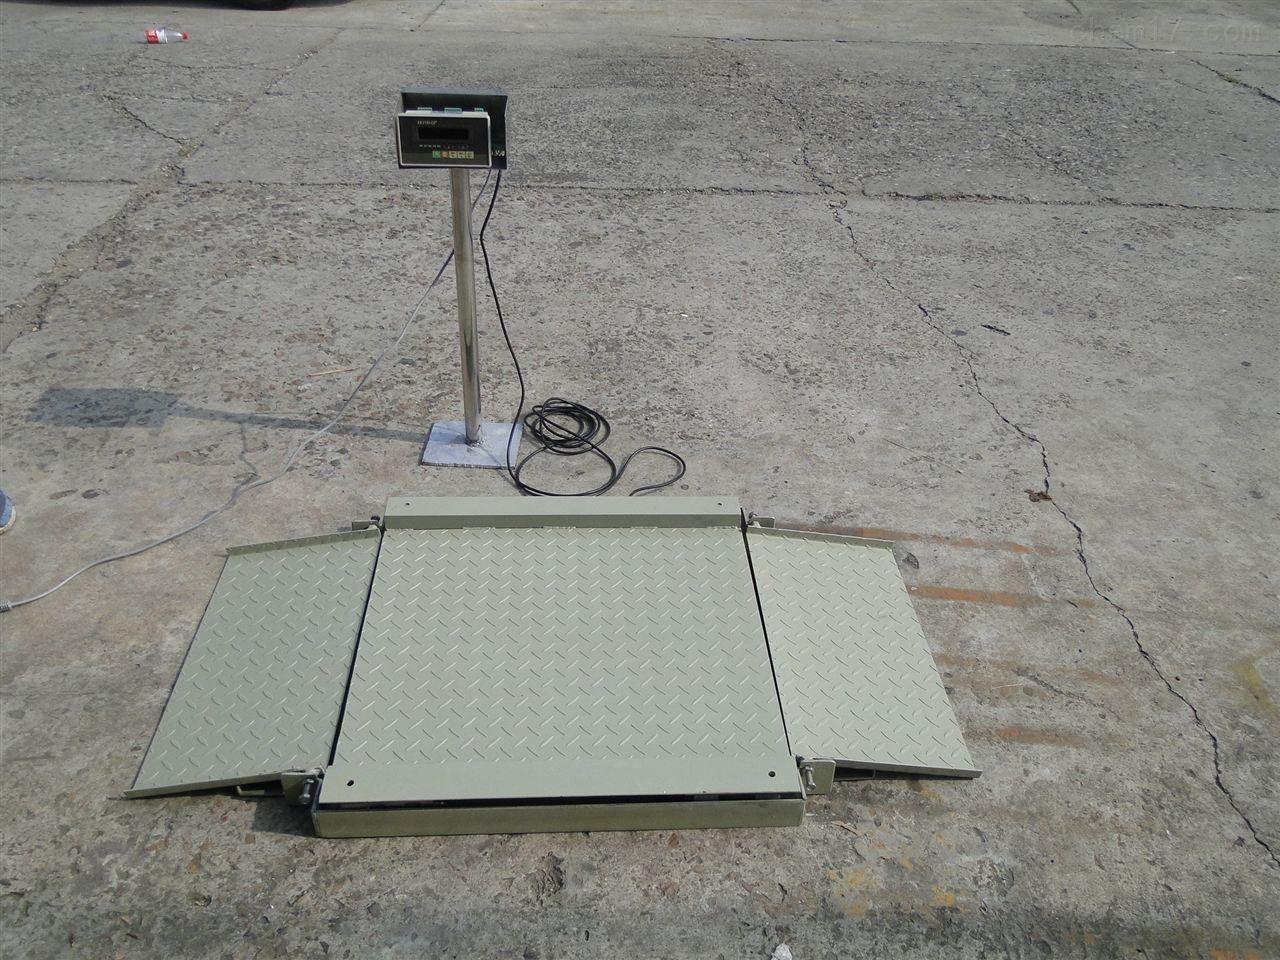 SCS-D1本安型防爆超低地磅-超低防爆平台称